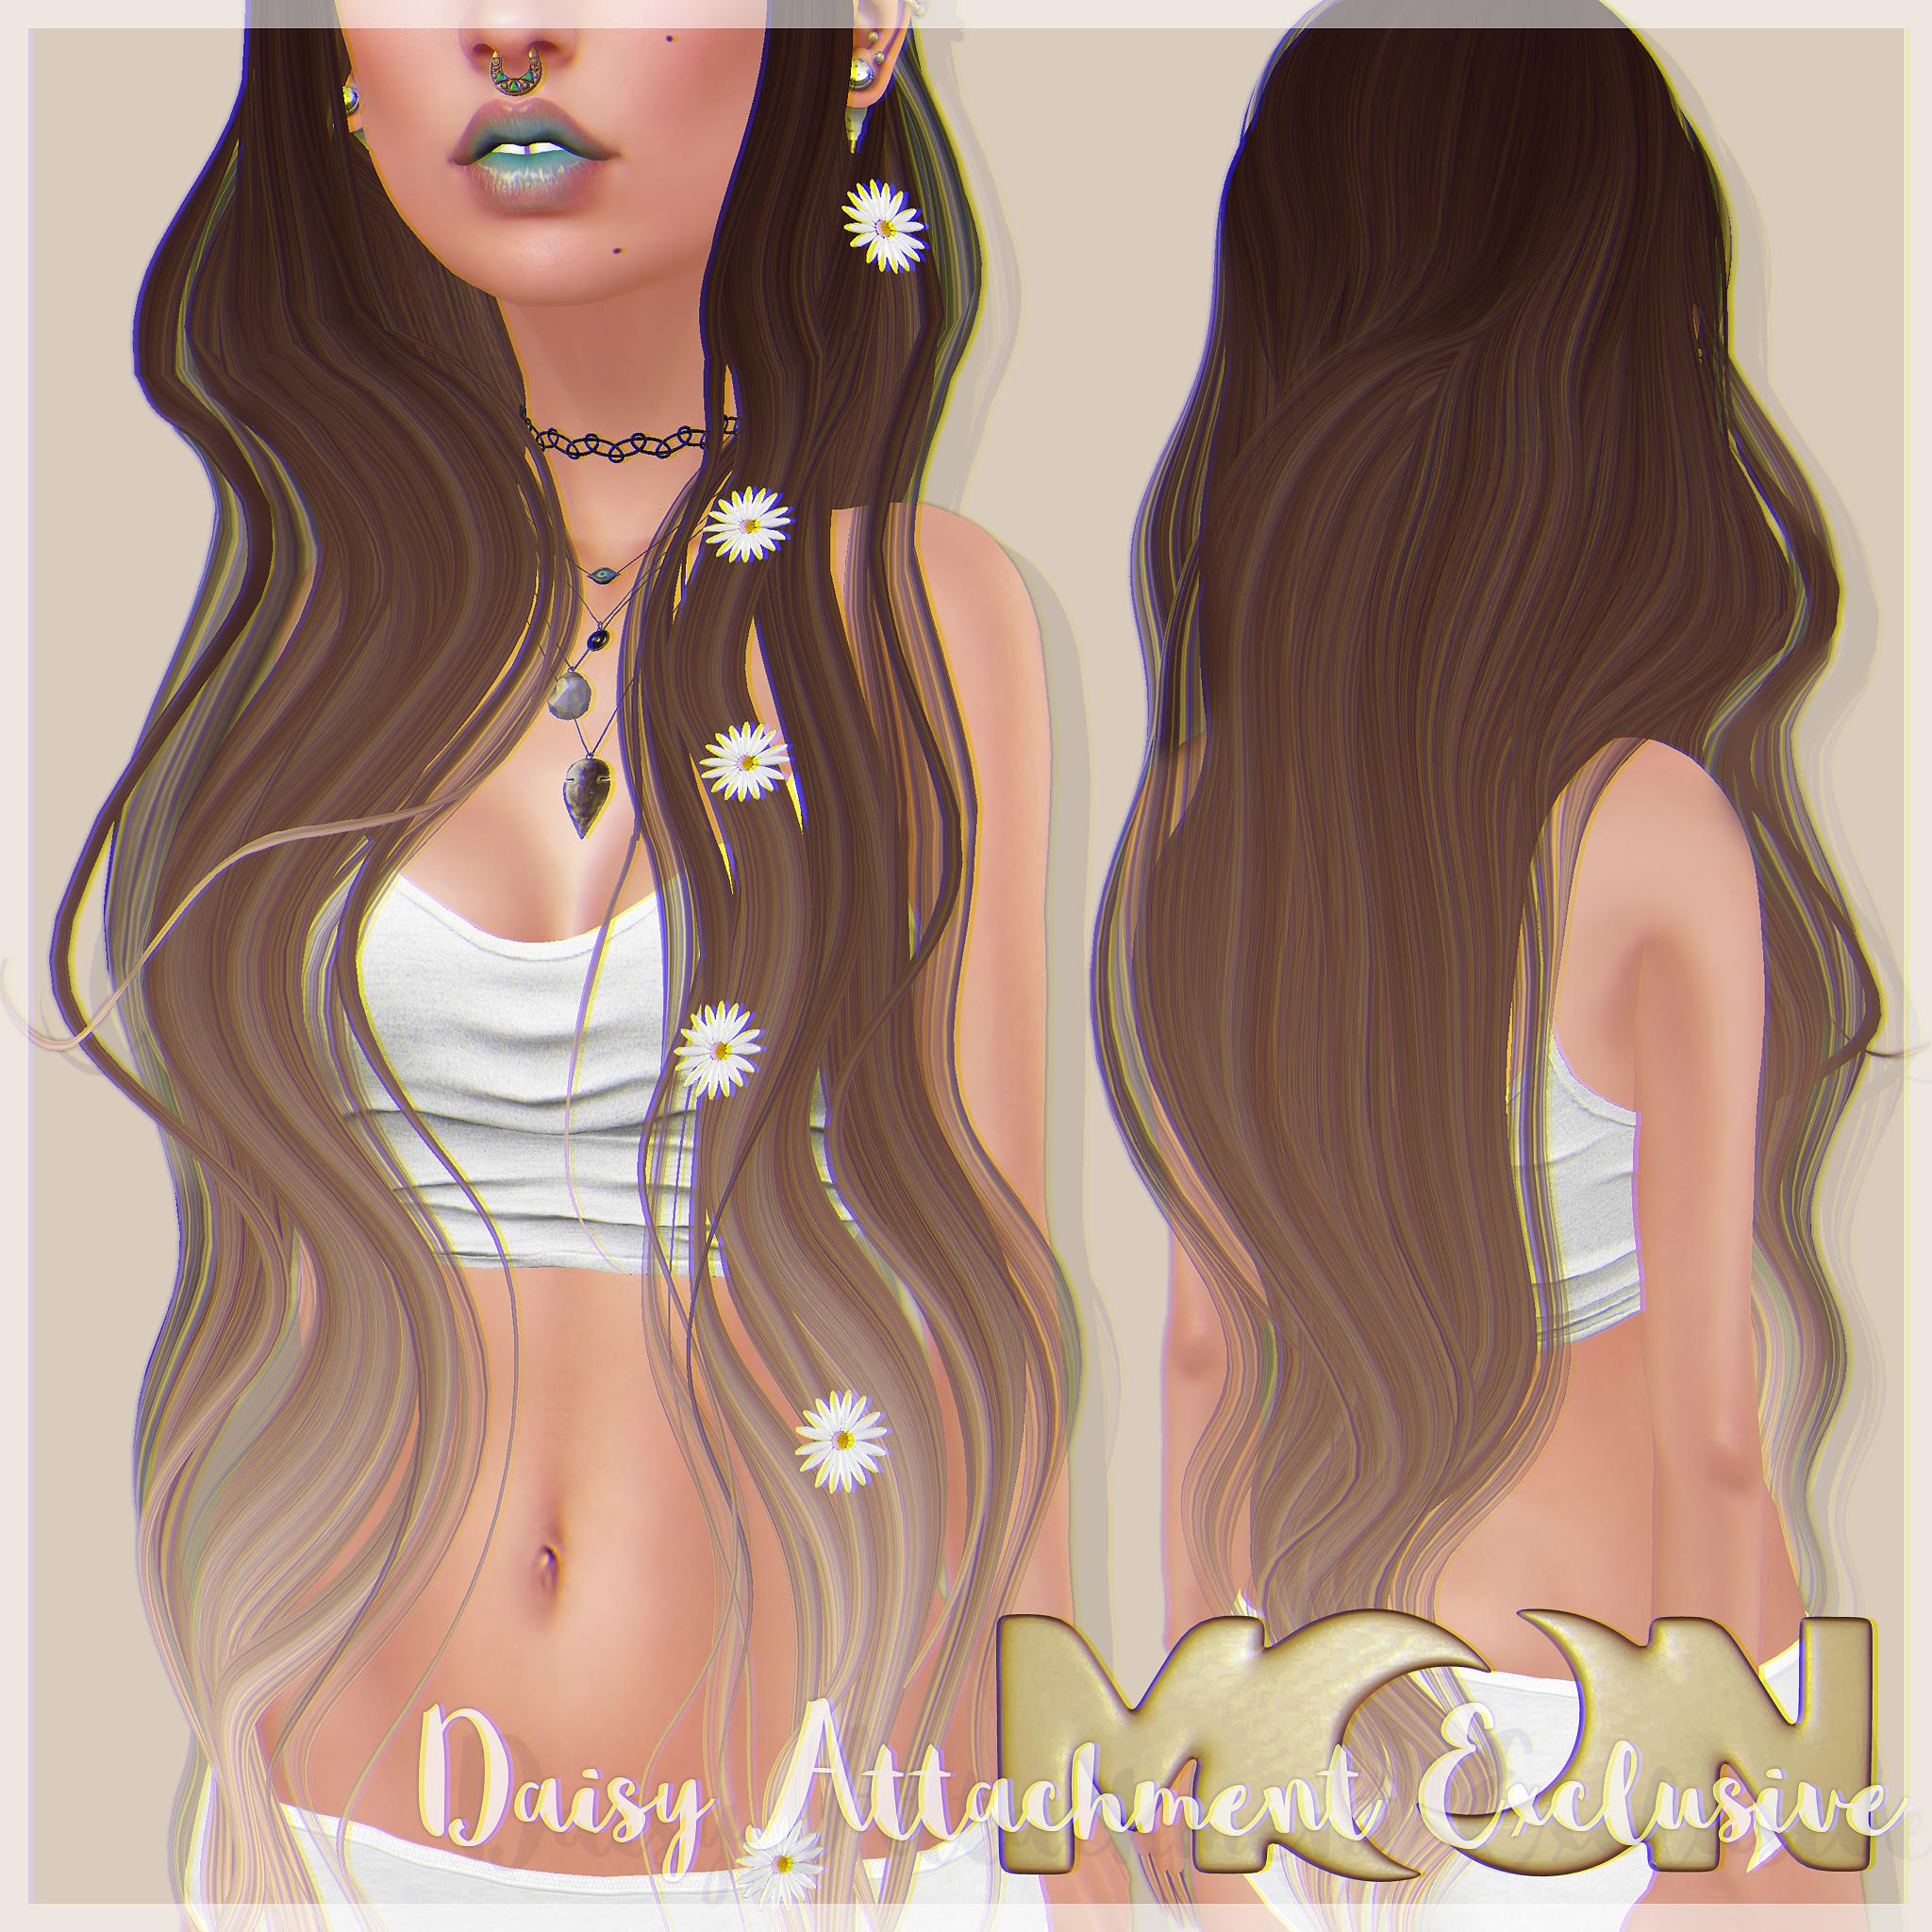 moon.hair_.ghost_.highway.daisy_.ad_.jpg